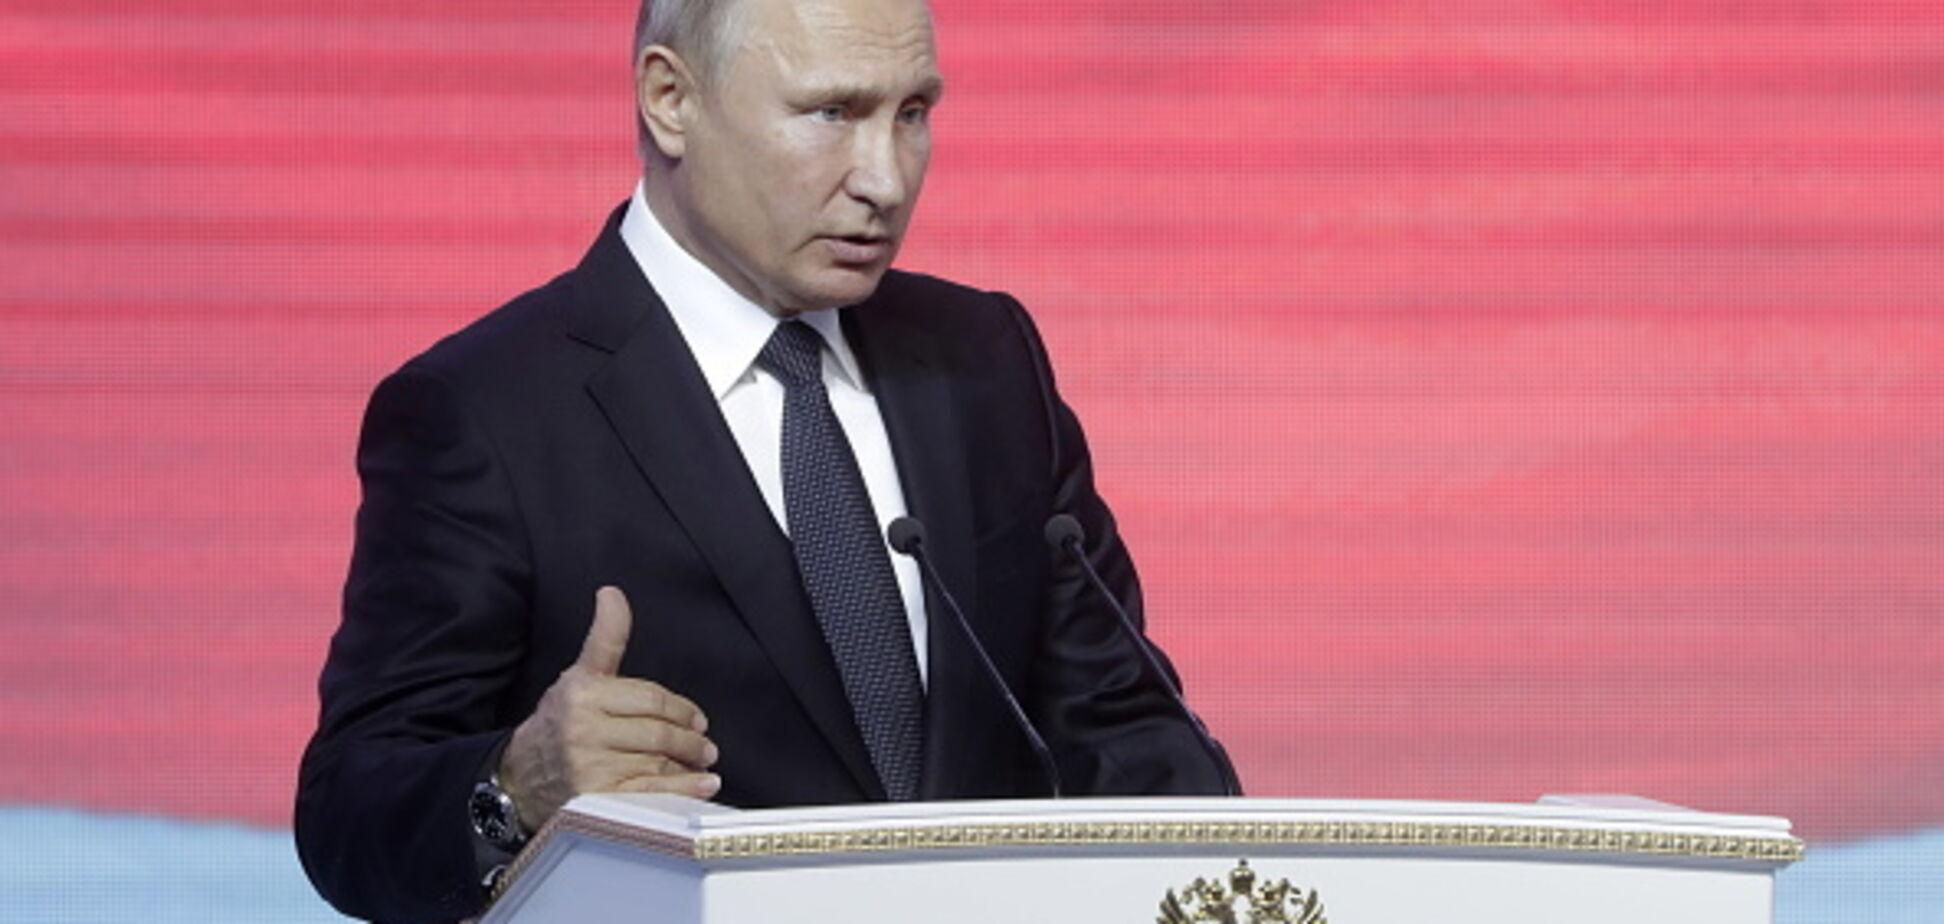 Ядерное вознесение: угрозы Путина высмеяли в карикатуре